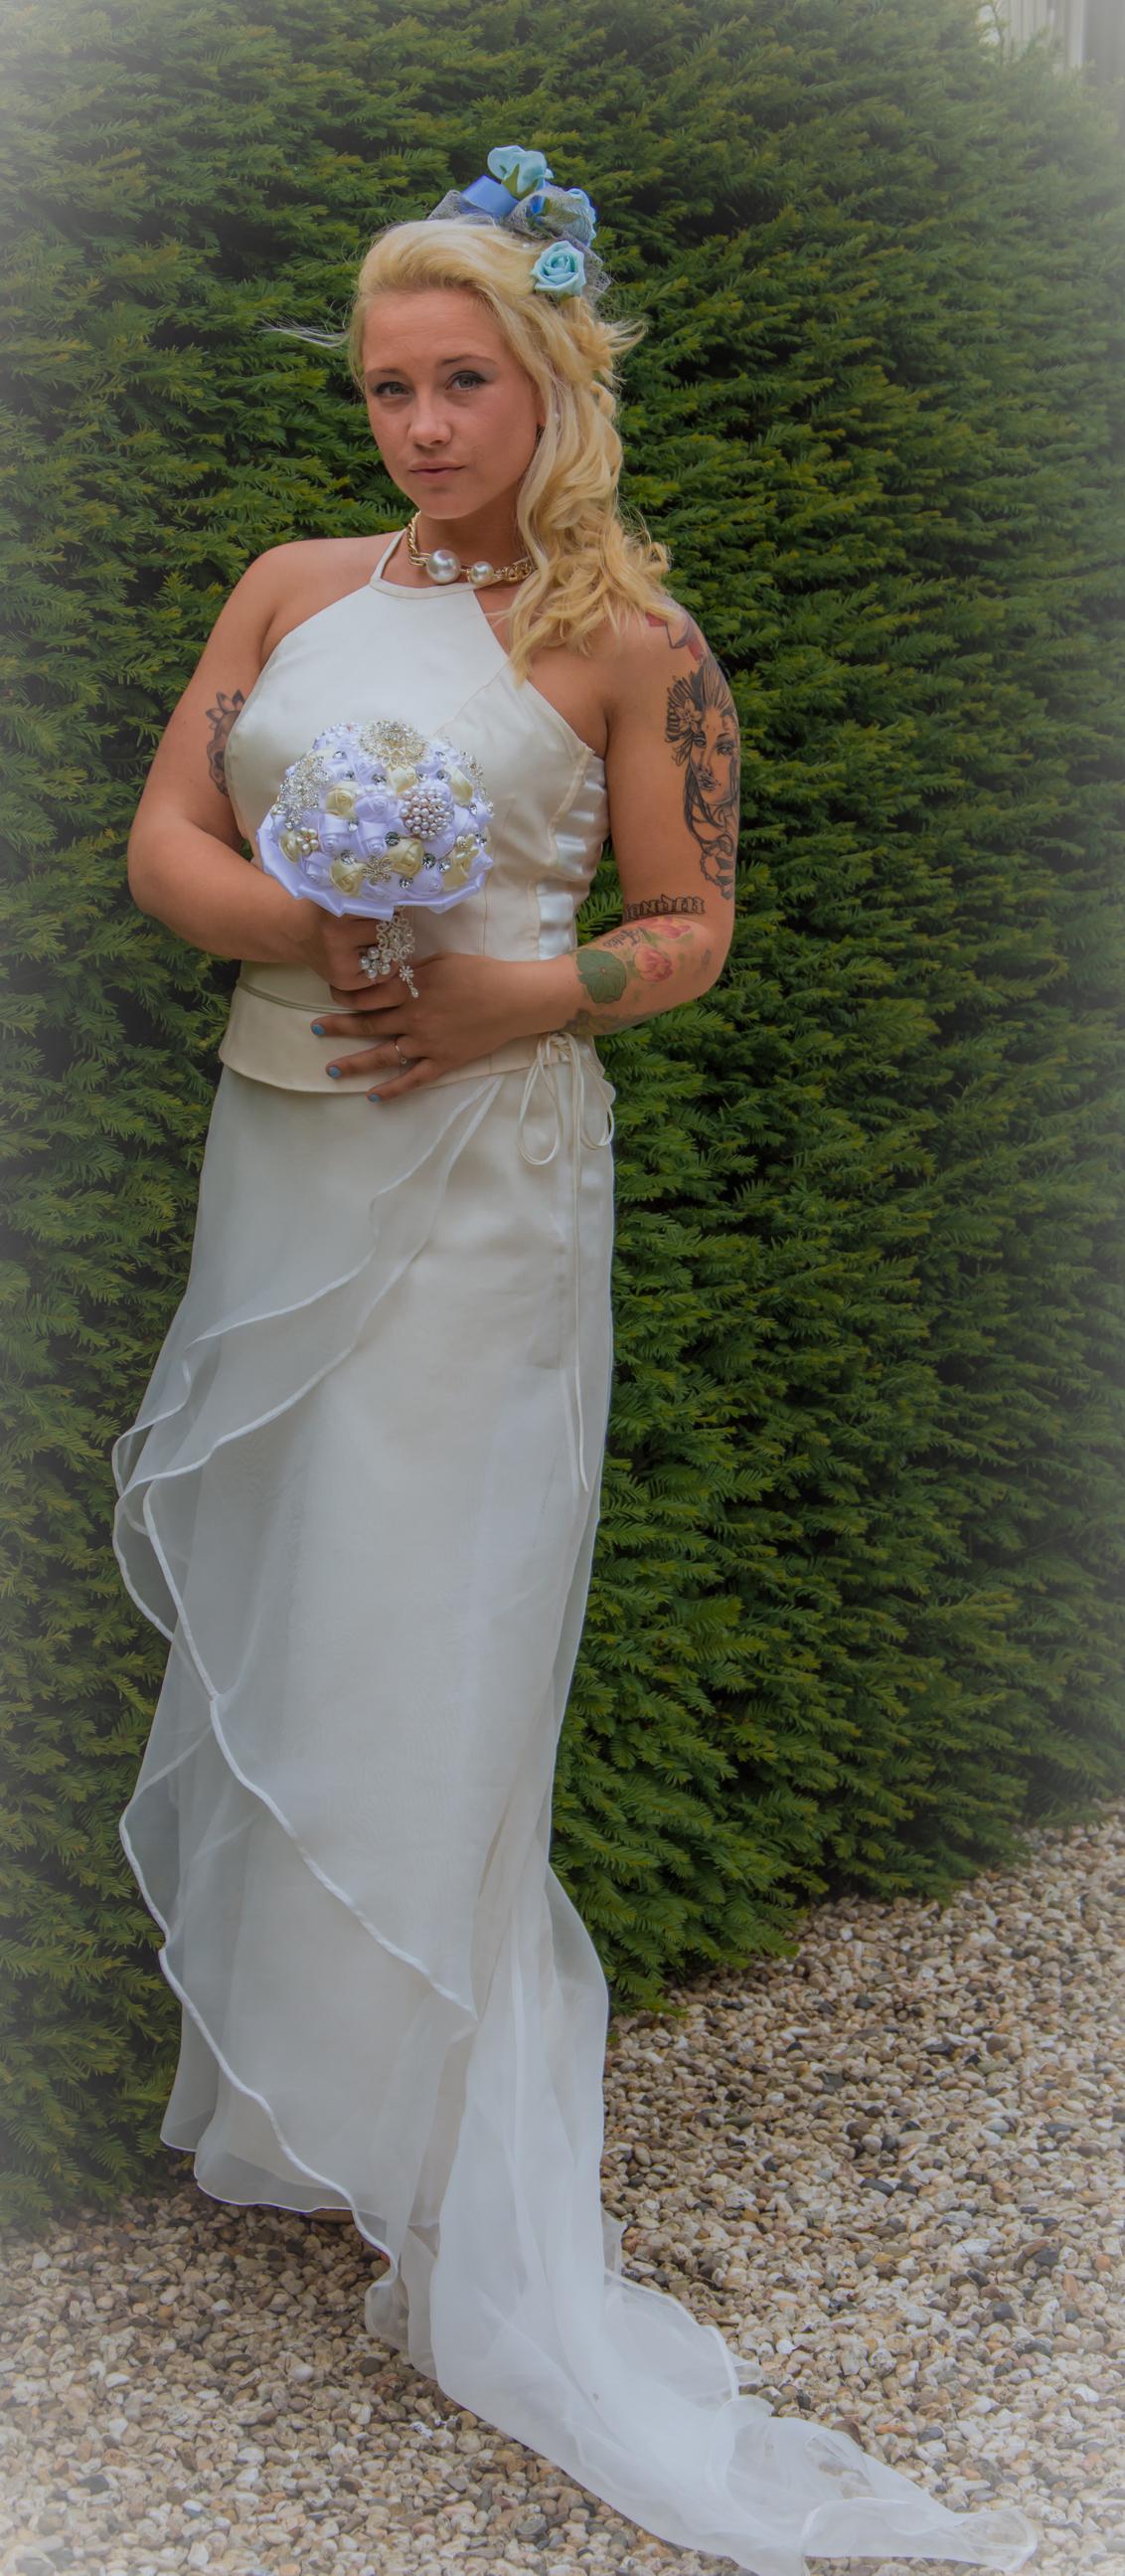 Bride in the white wedding dress - Hier de mooie Mandy in de bruidsjurk - foto door sipmaurer op 12-06-2016 - deze foto bevat: daglicht, beauty, bruid, bruiloft, blond, fotoshoot